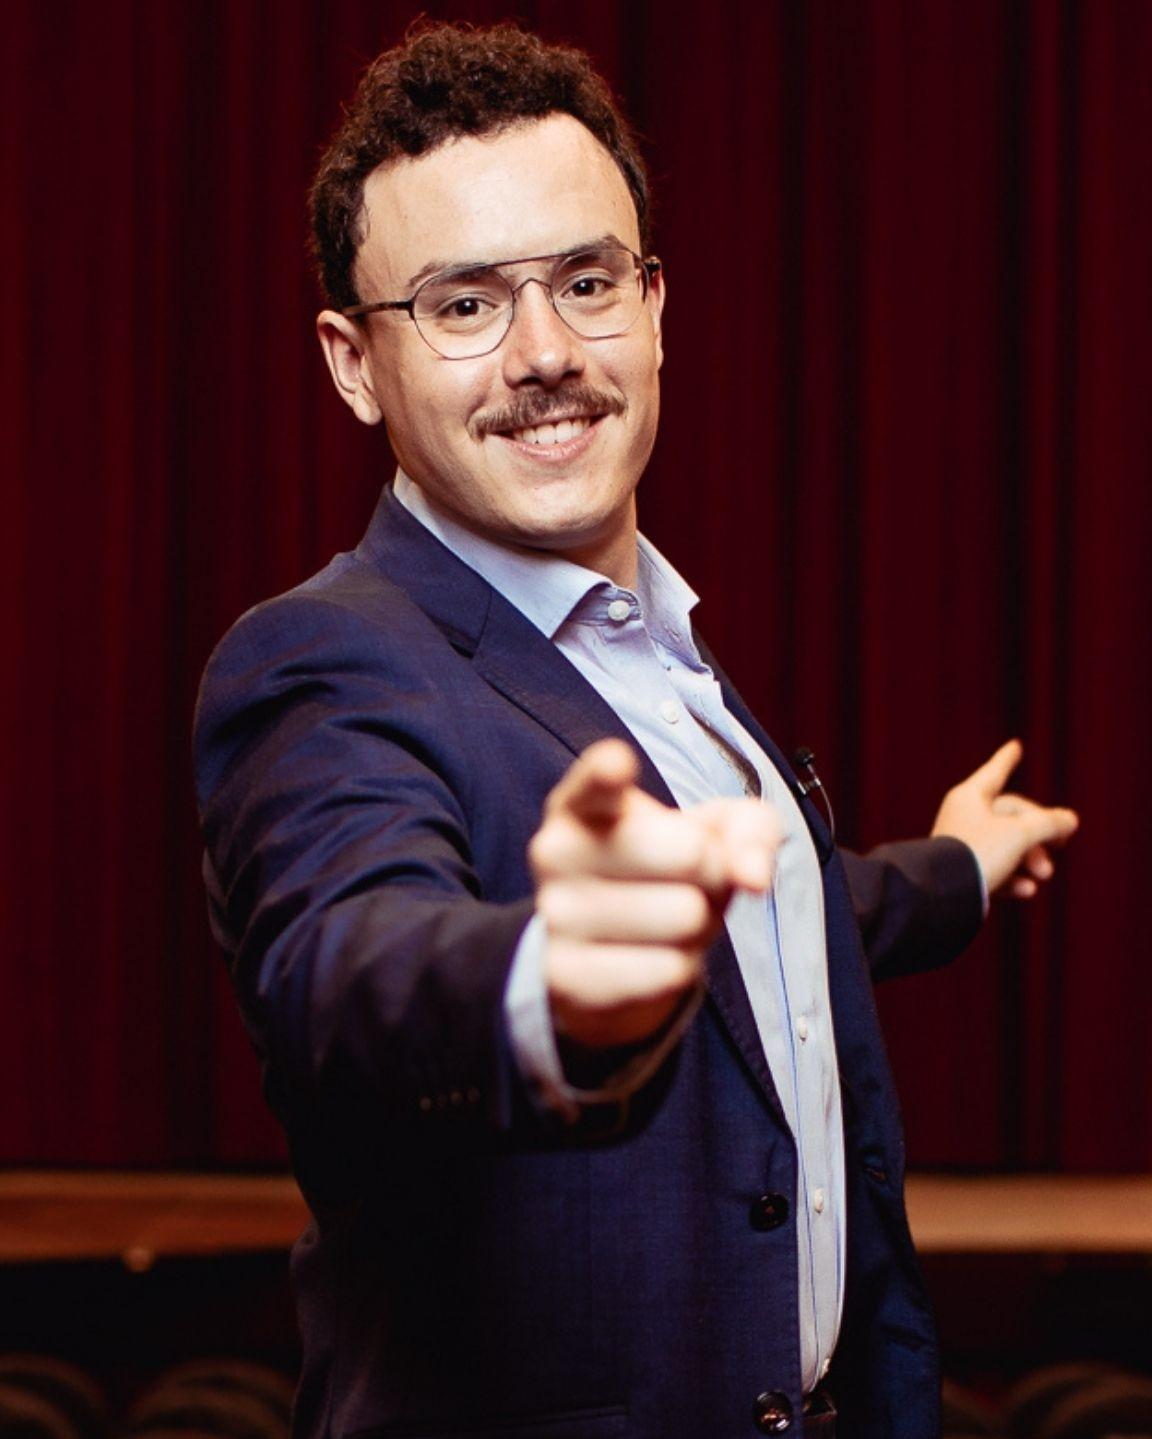 Curso de Ventas y Persuasión Online, con el formador de compañías como Spotify, Coca-Cola, Telefónica, IBM o Inditex.